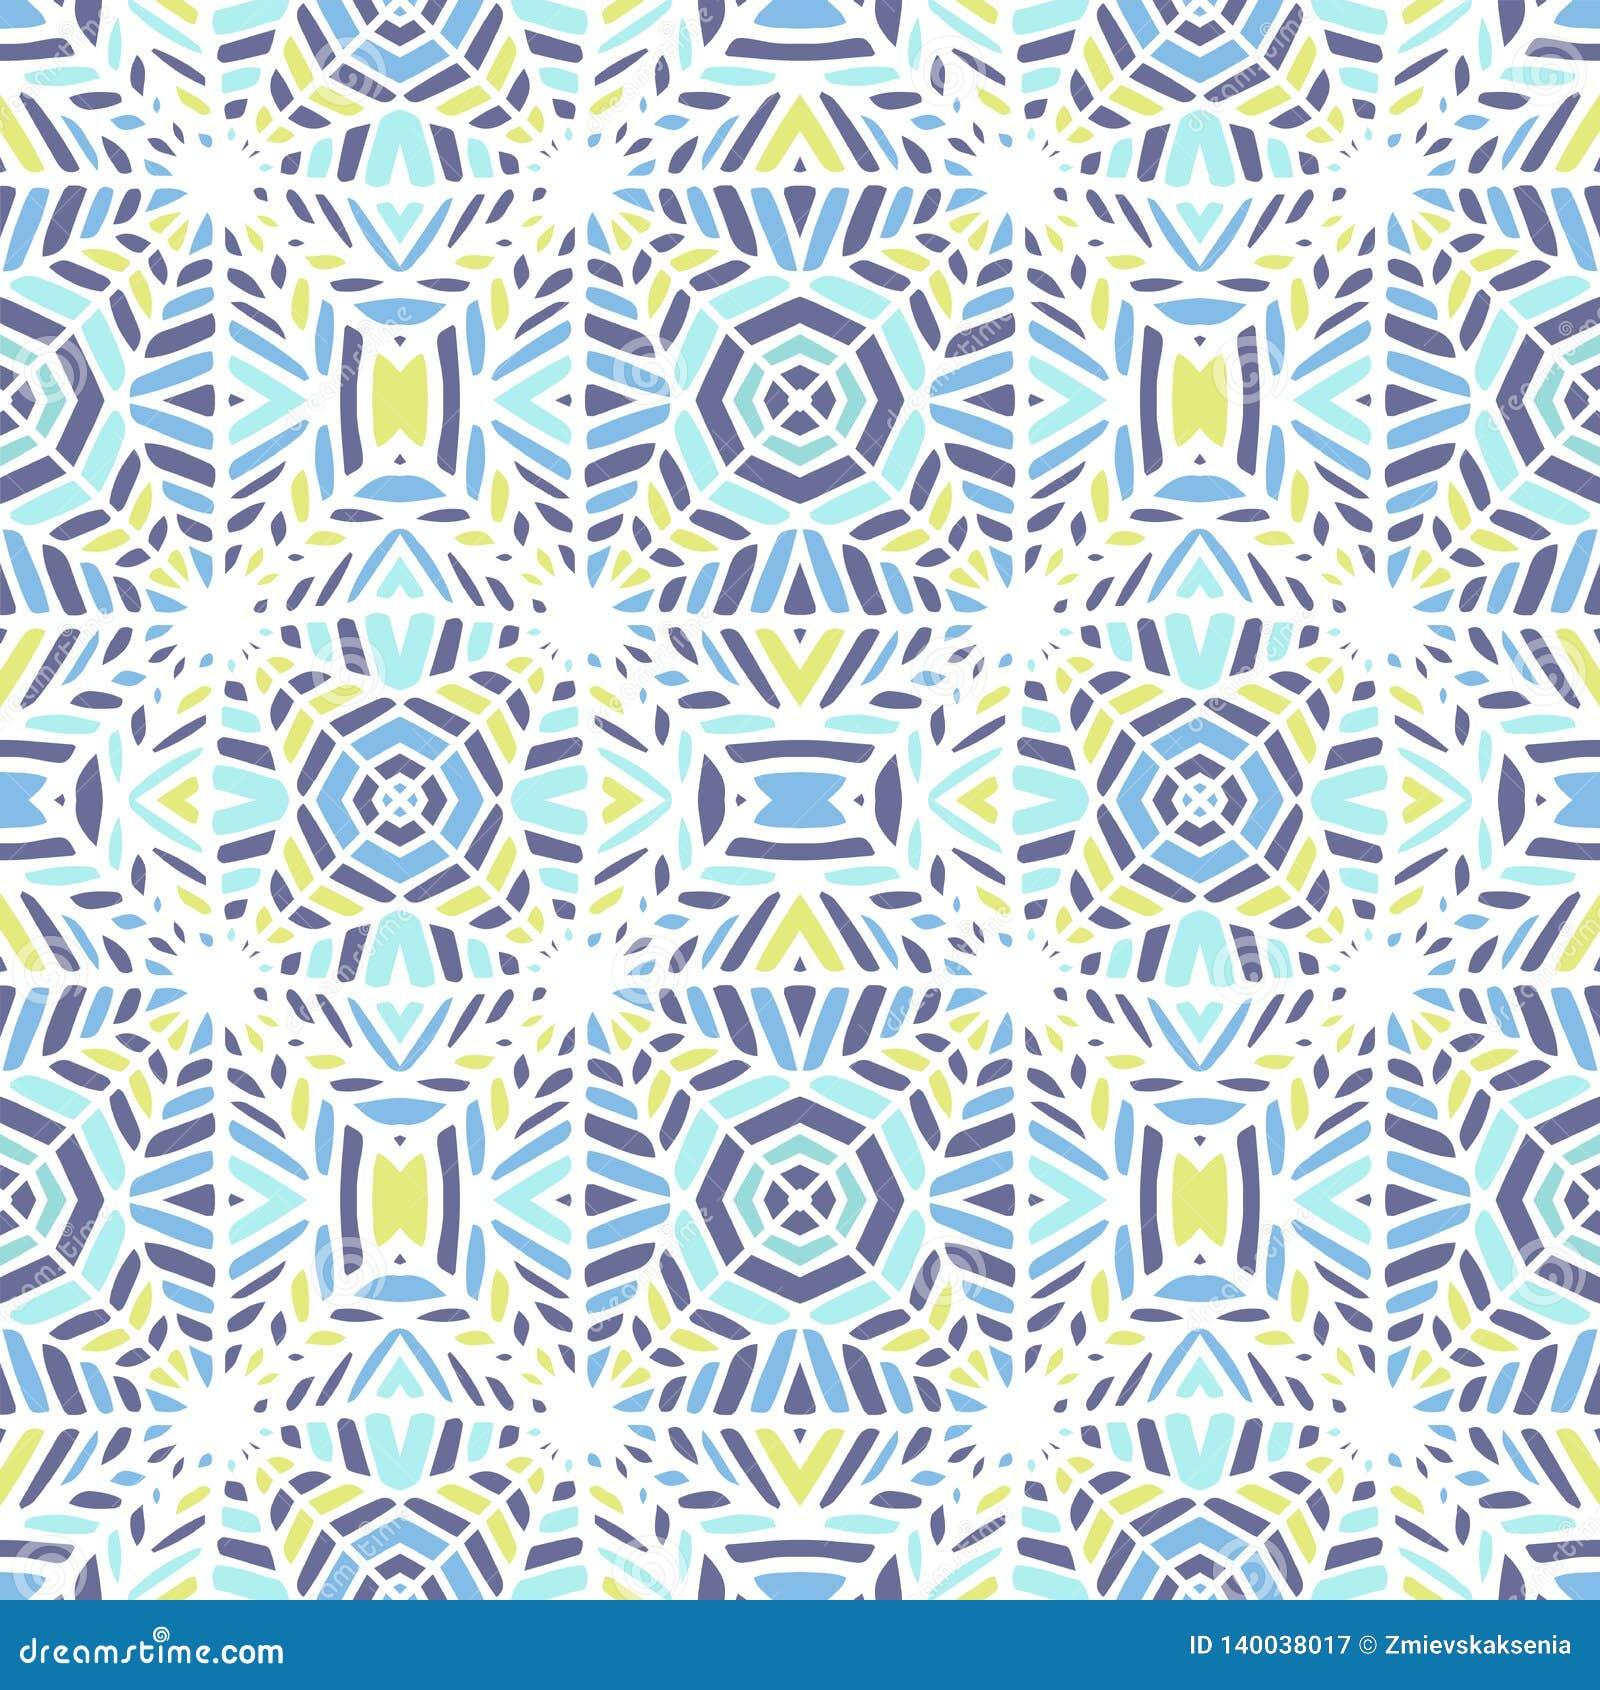 Vector illustratie Naadloos Afrikaans Patroon Etnisch tapijt met chevrons en driehoeken